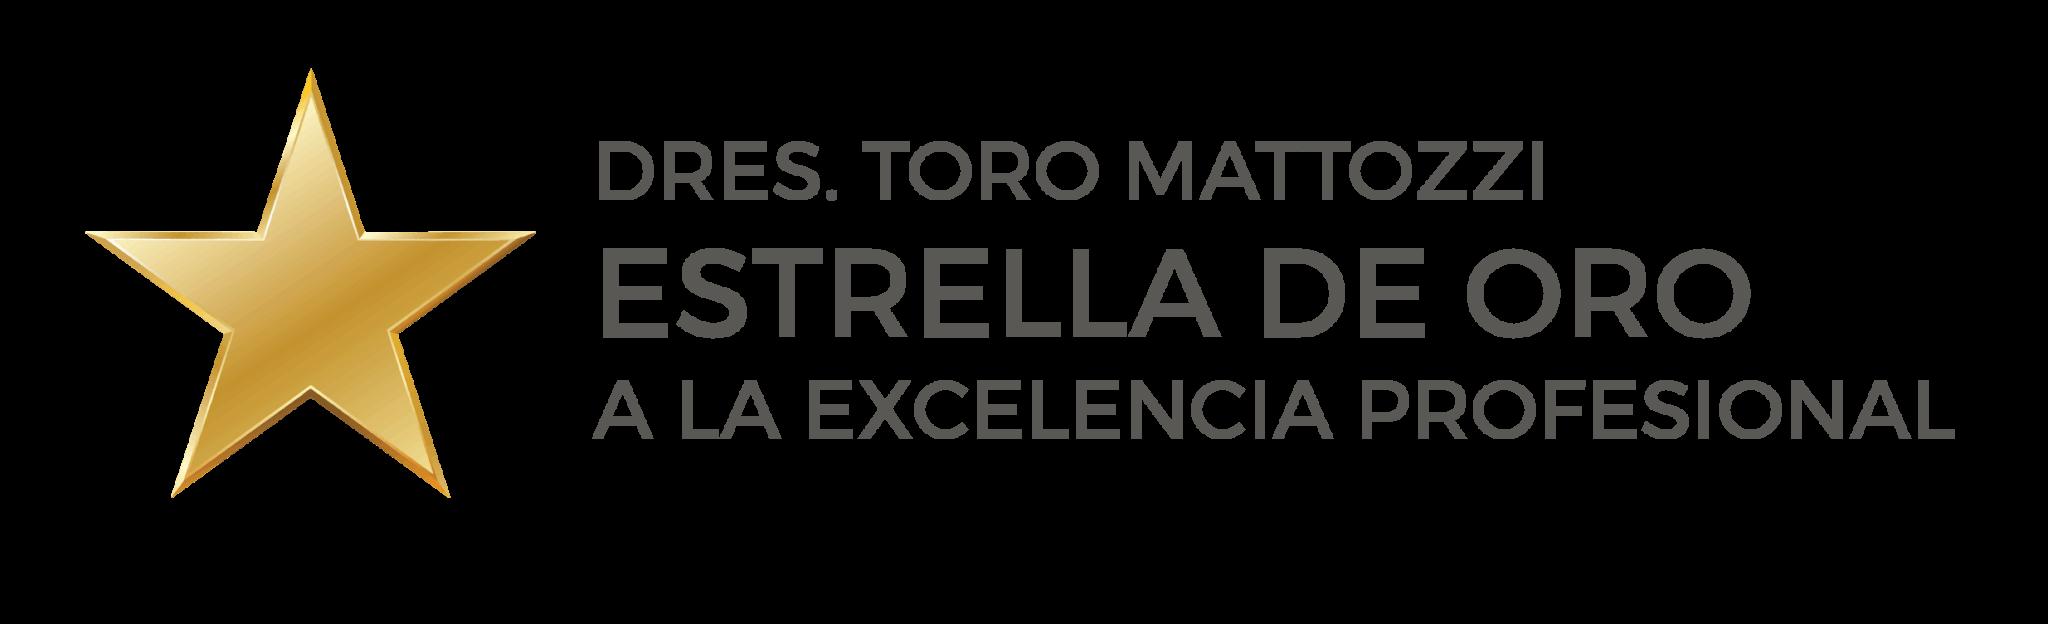 logo-excelencia-74